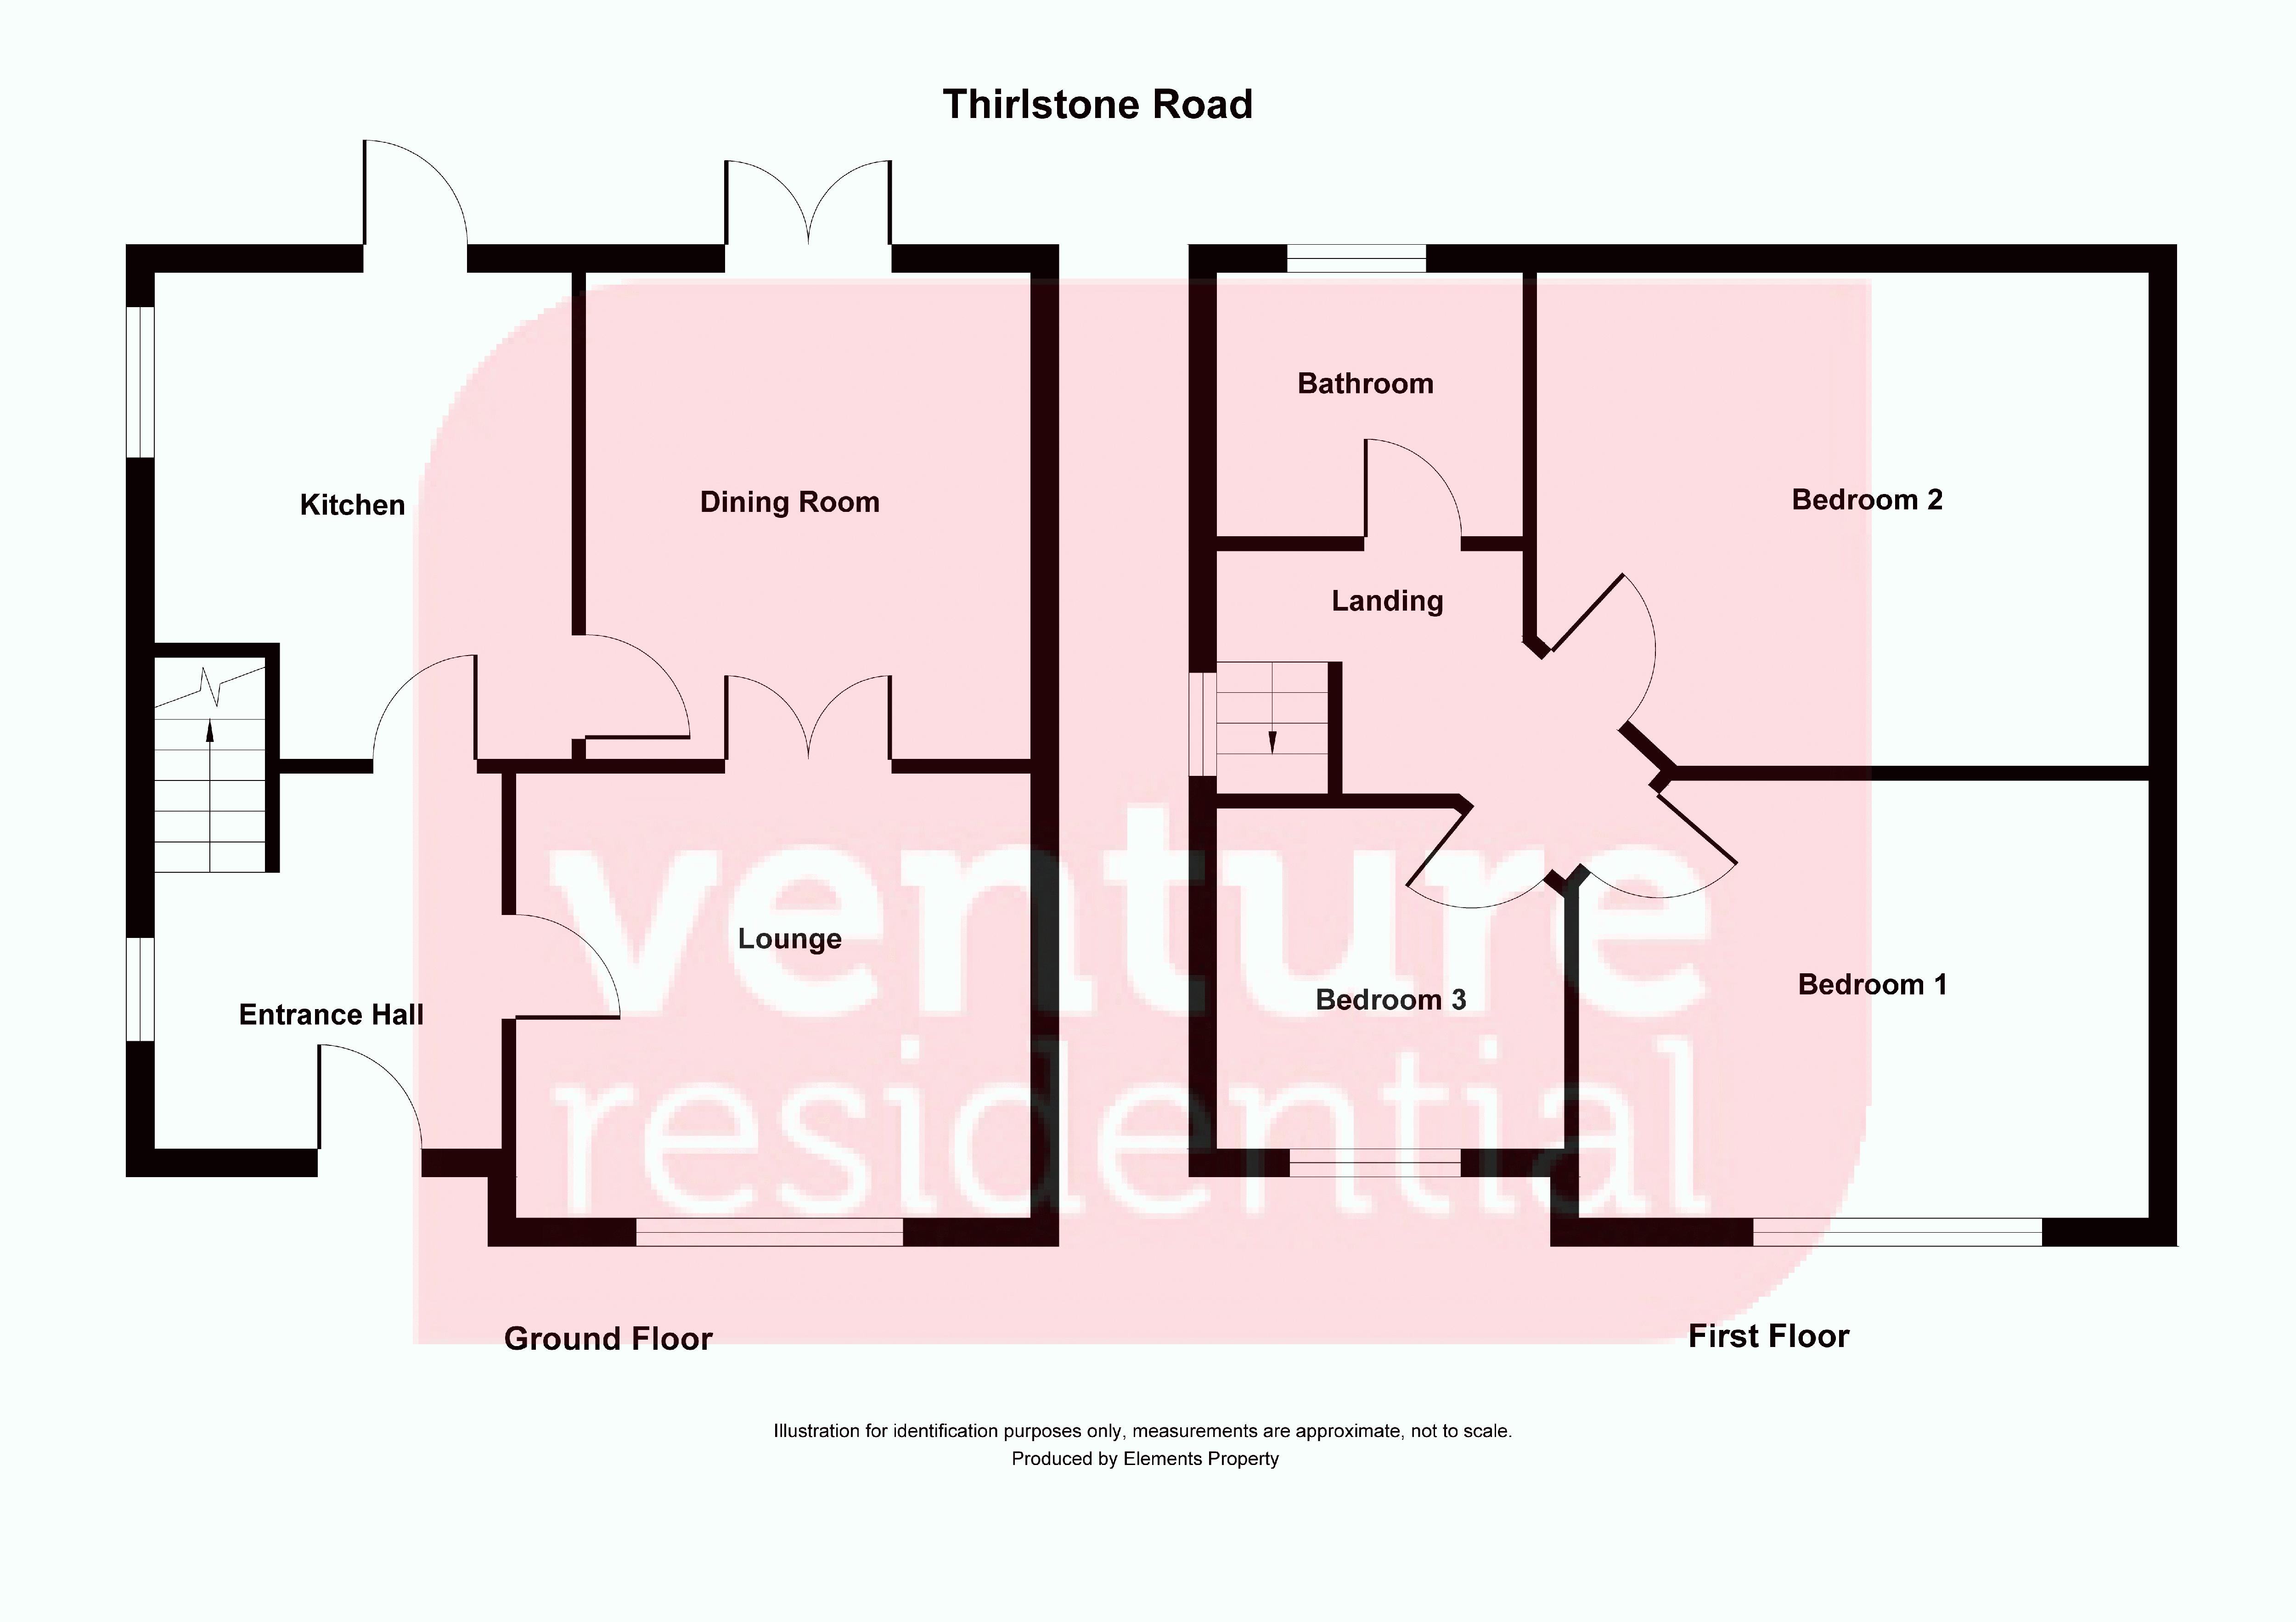 Thirlstone Road